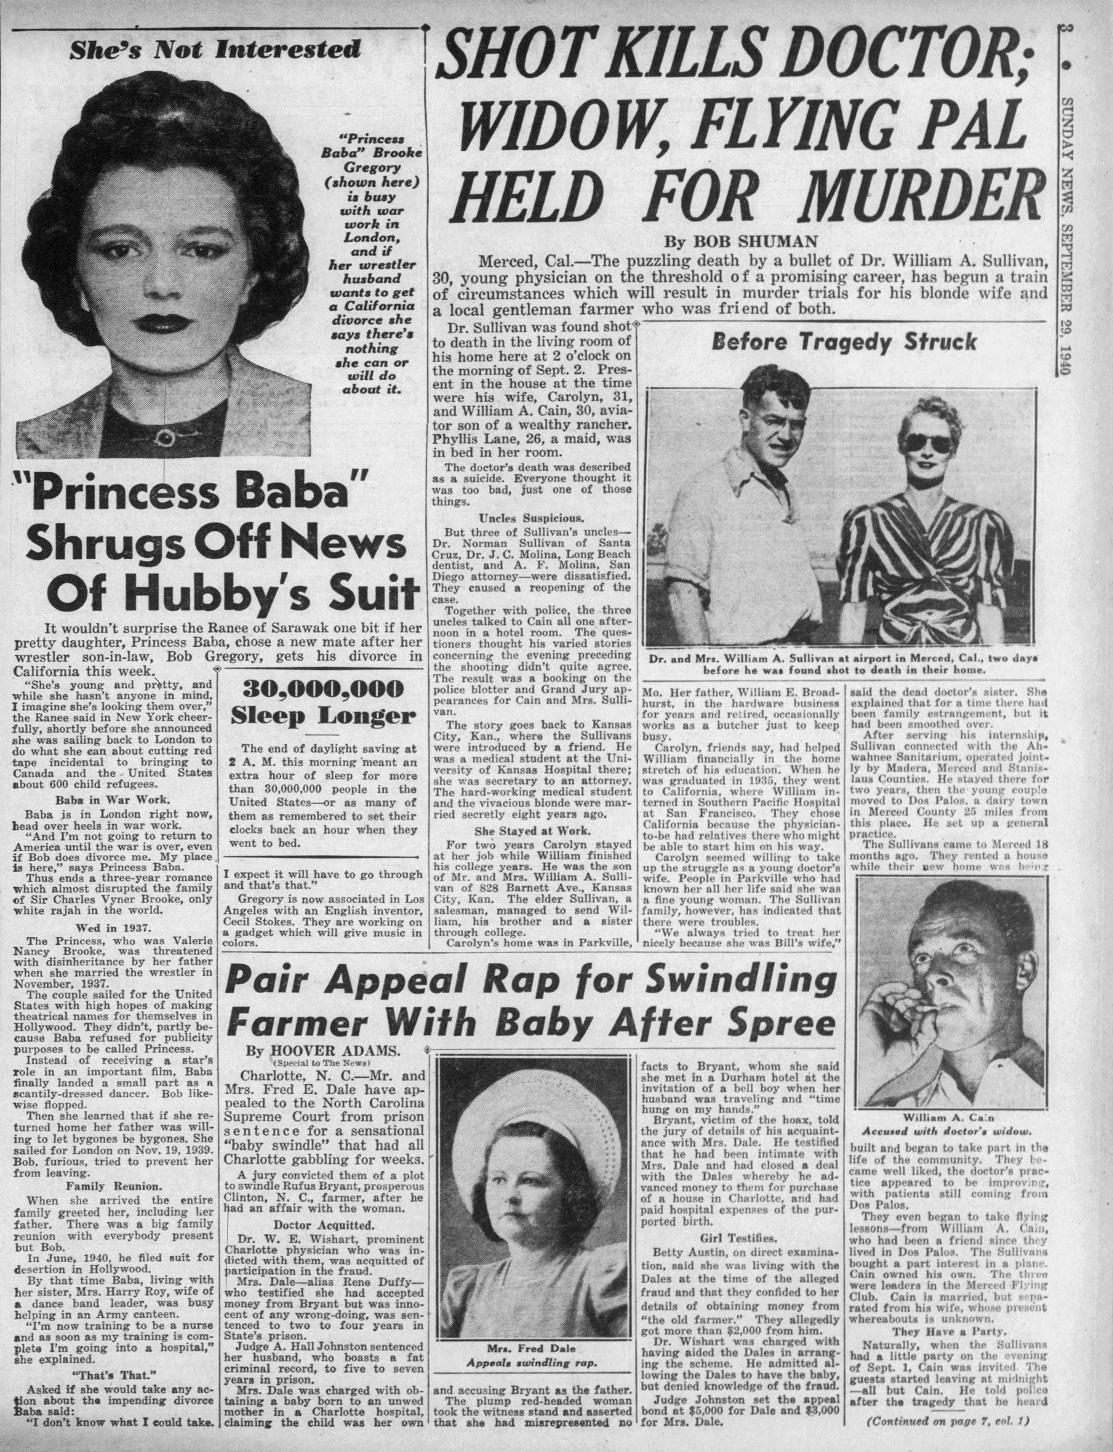 Daily_News_Sun__Sep_29__1940_.jpg